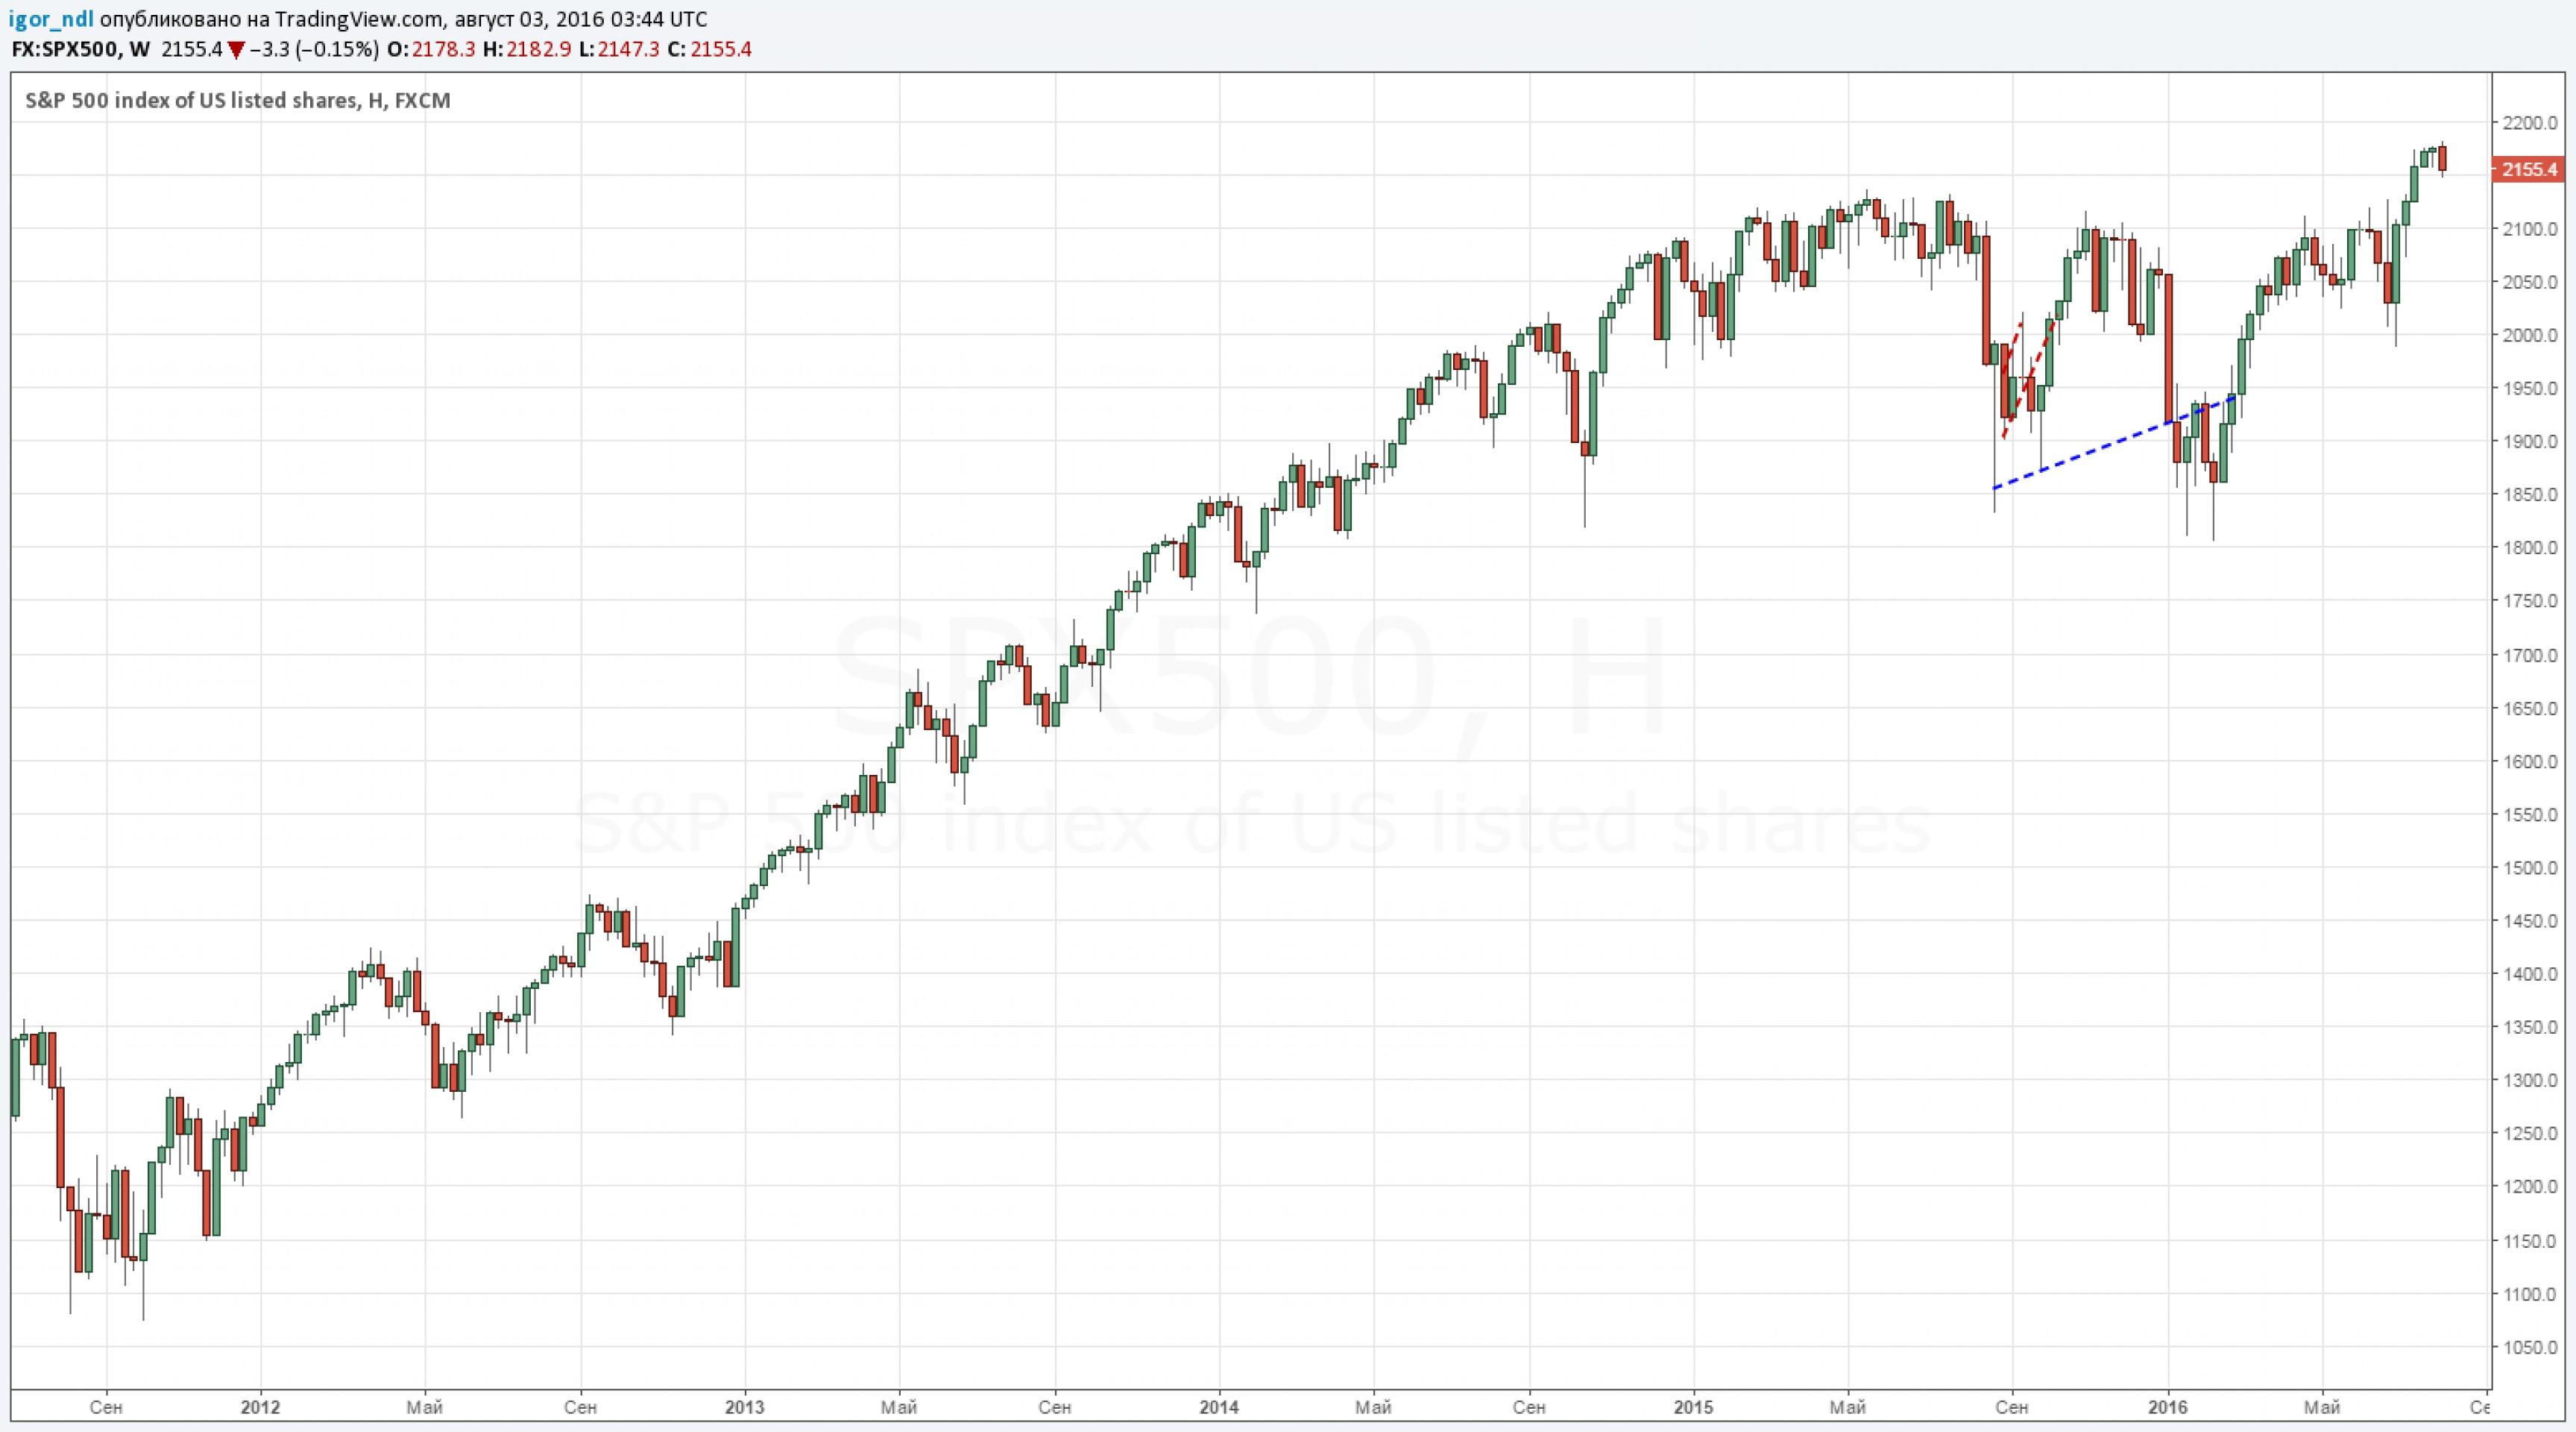 Трамп: продавайте акции, грядет обвал